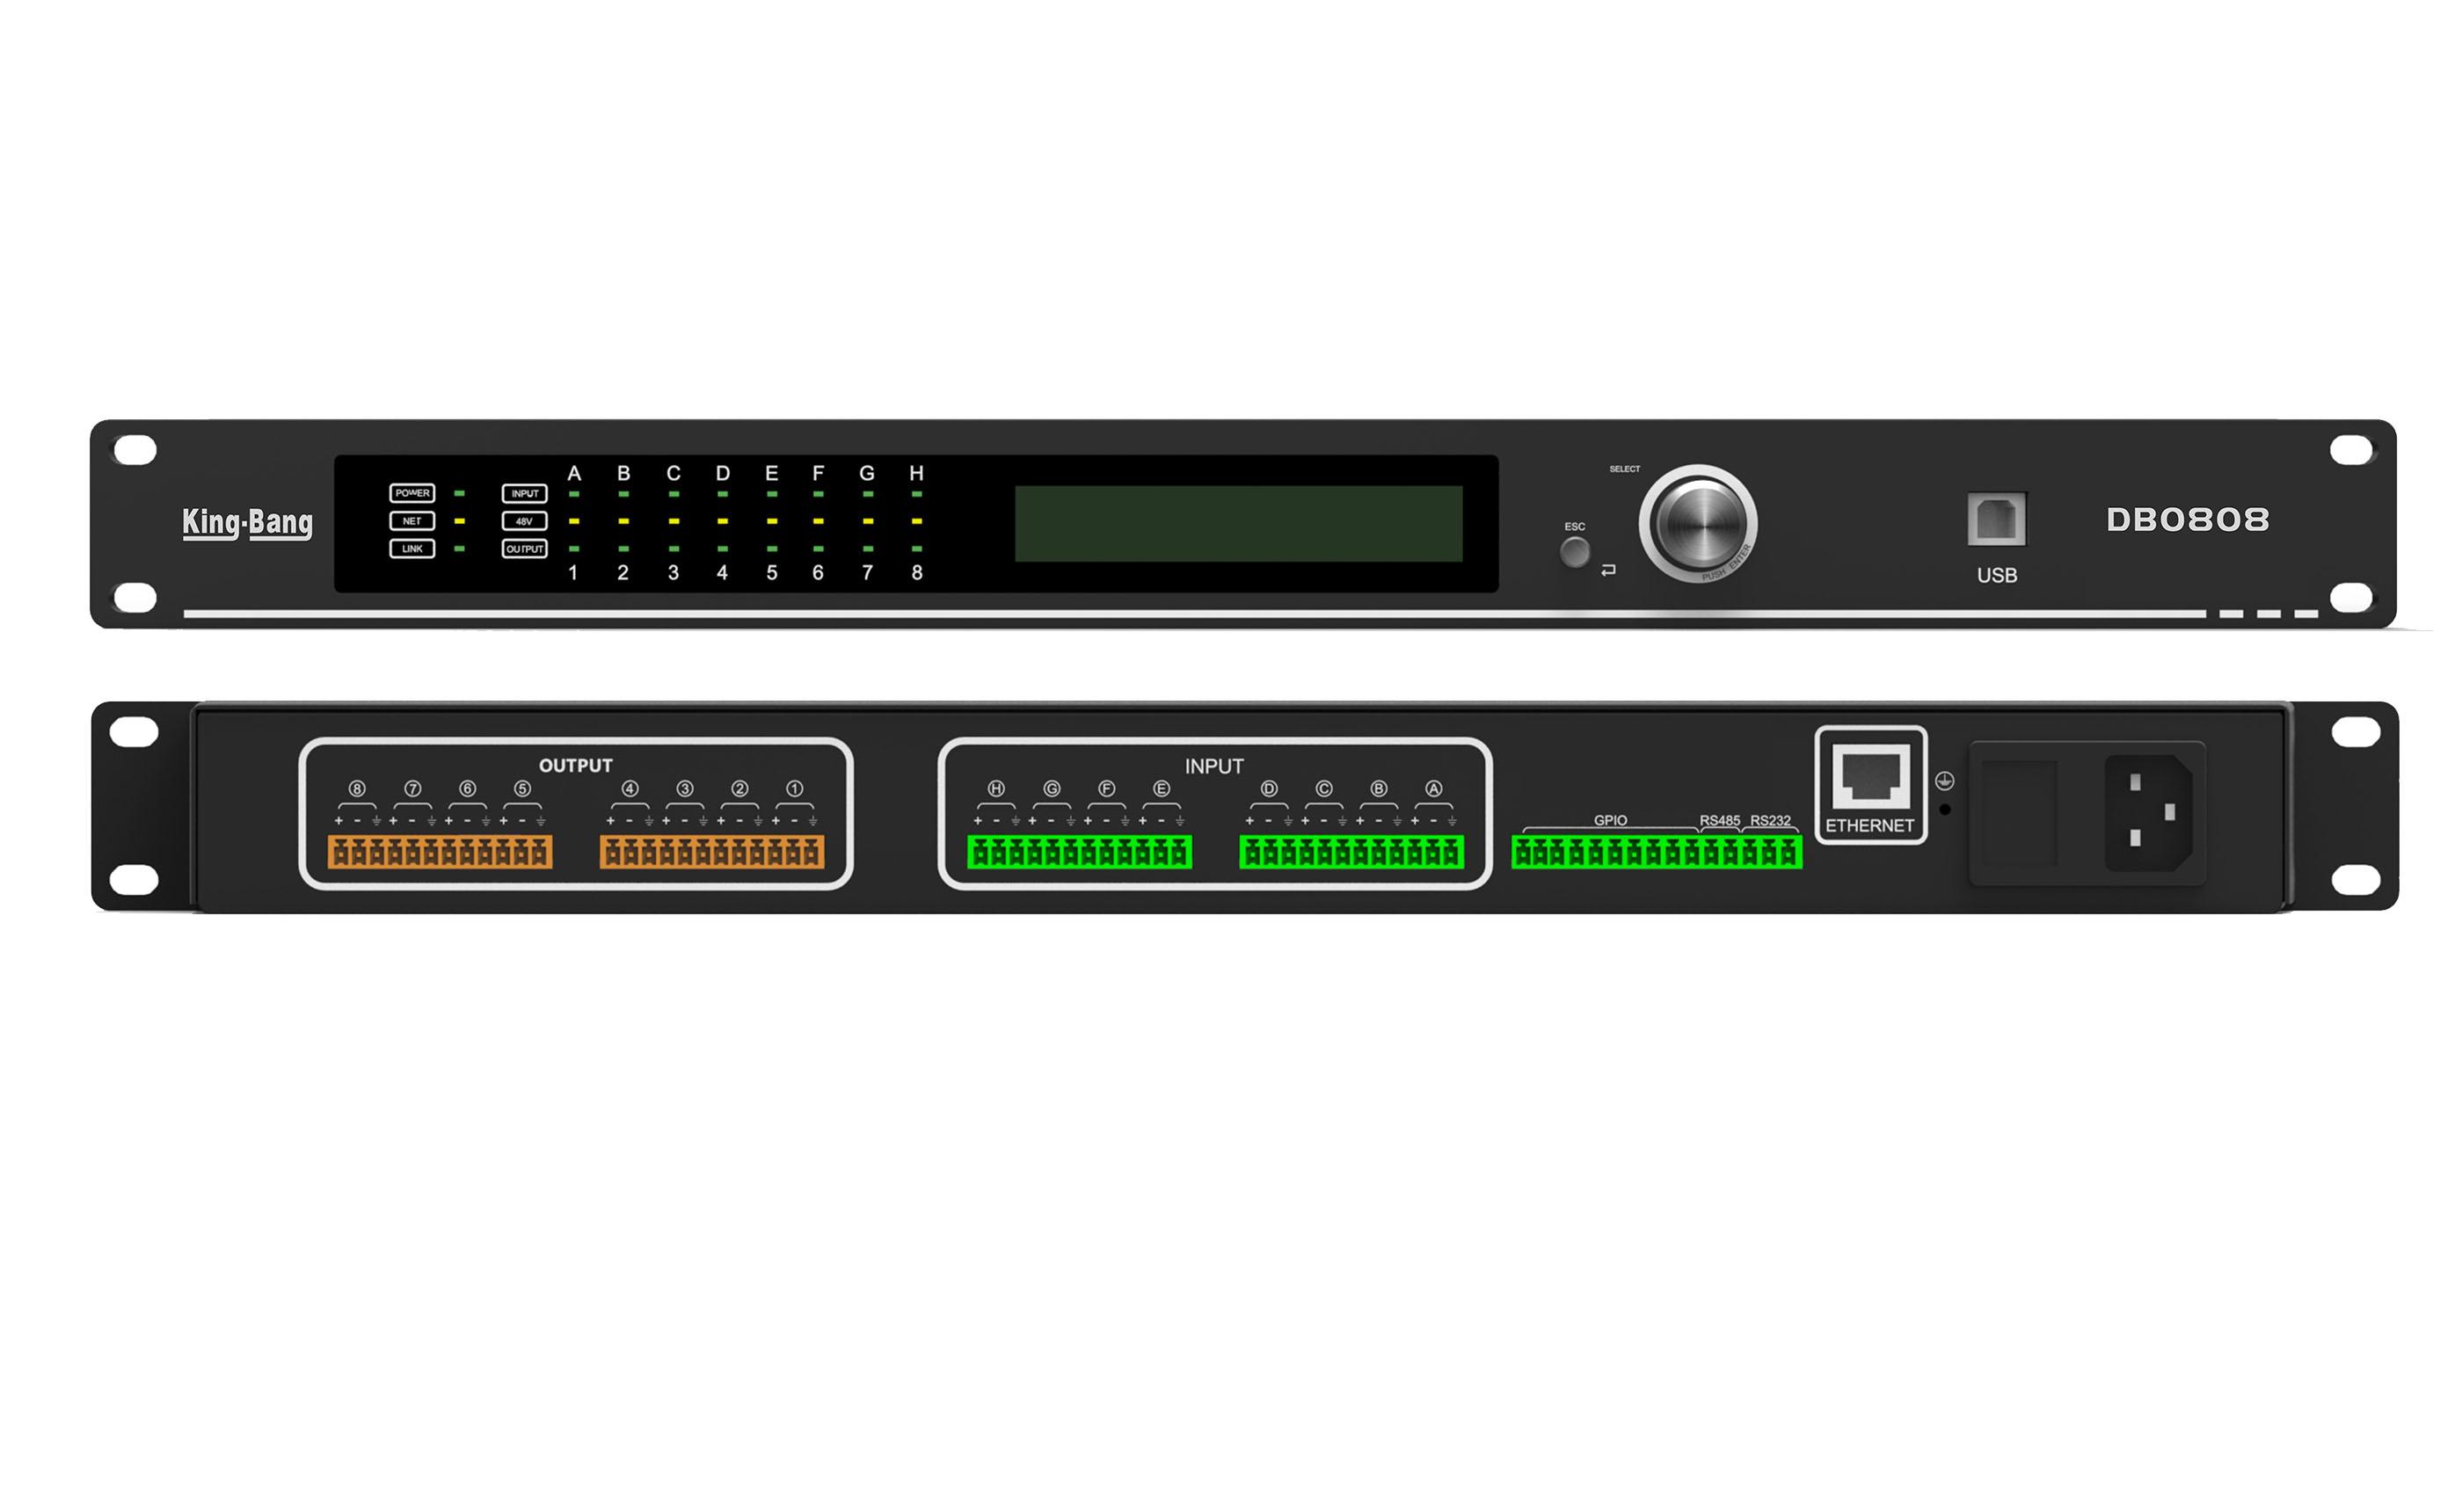 8路自动混音媒体矩阵DB0808